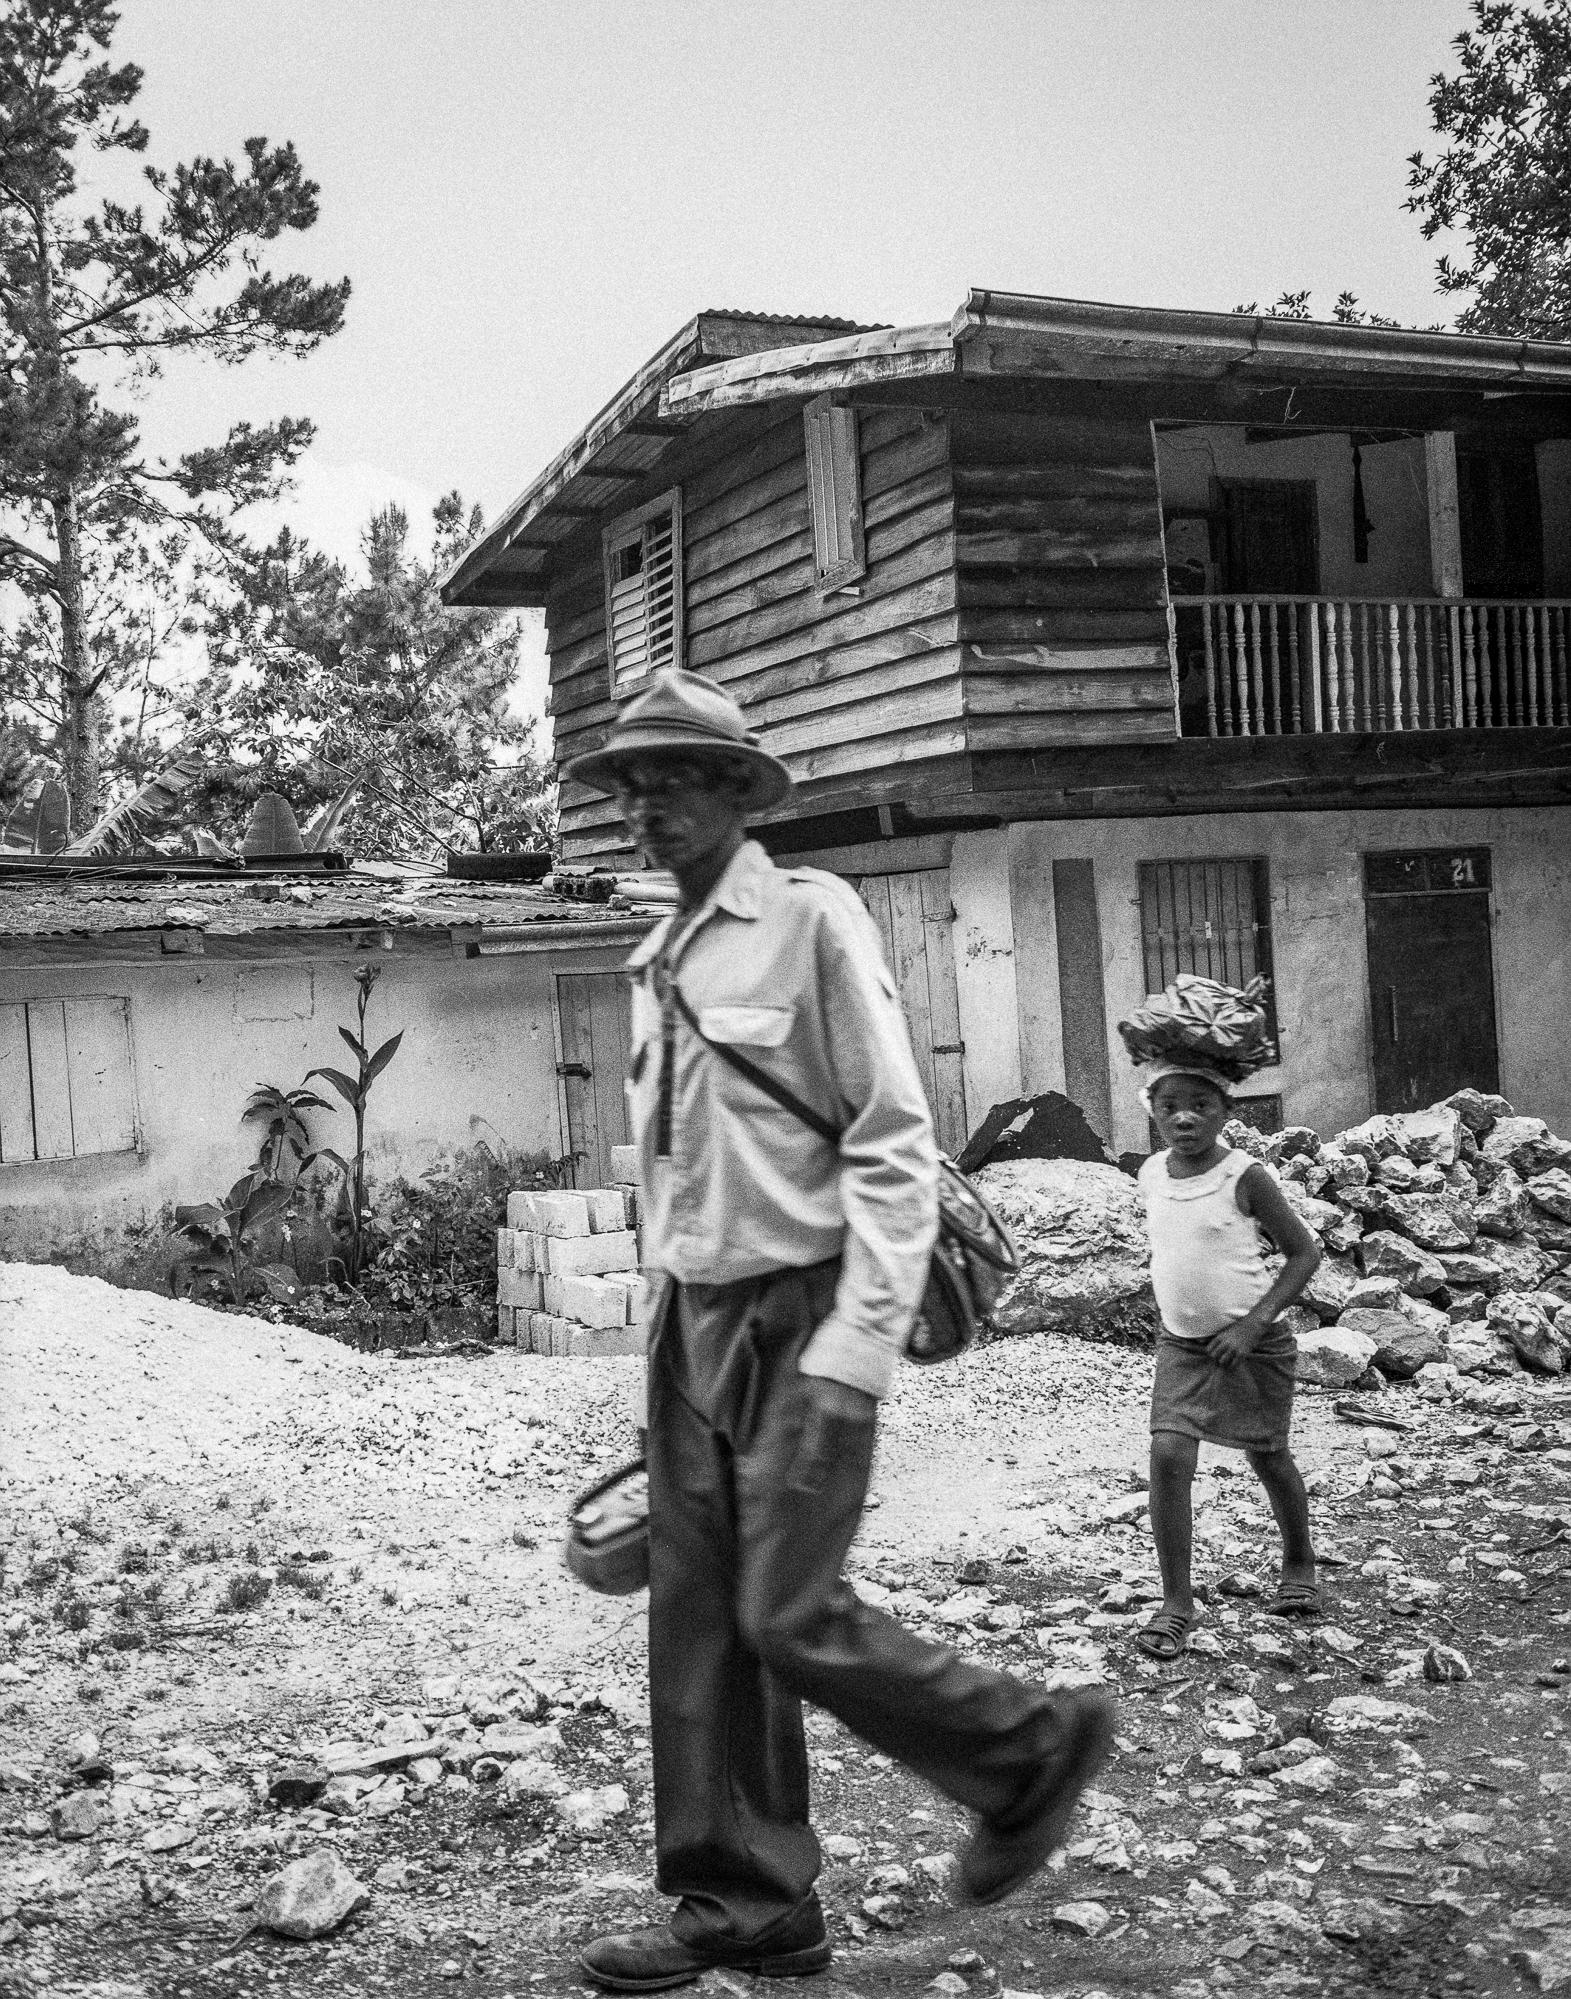 Man & Child-Haiti.jpg